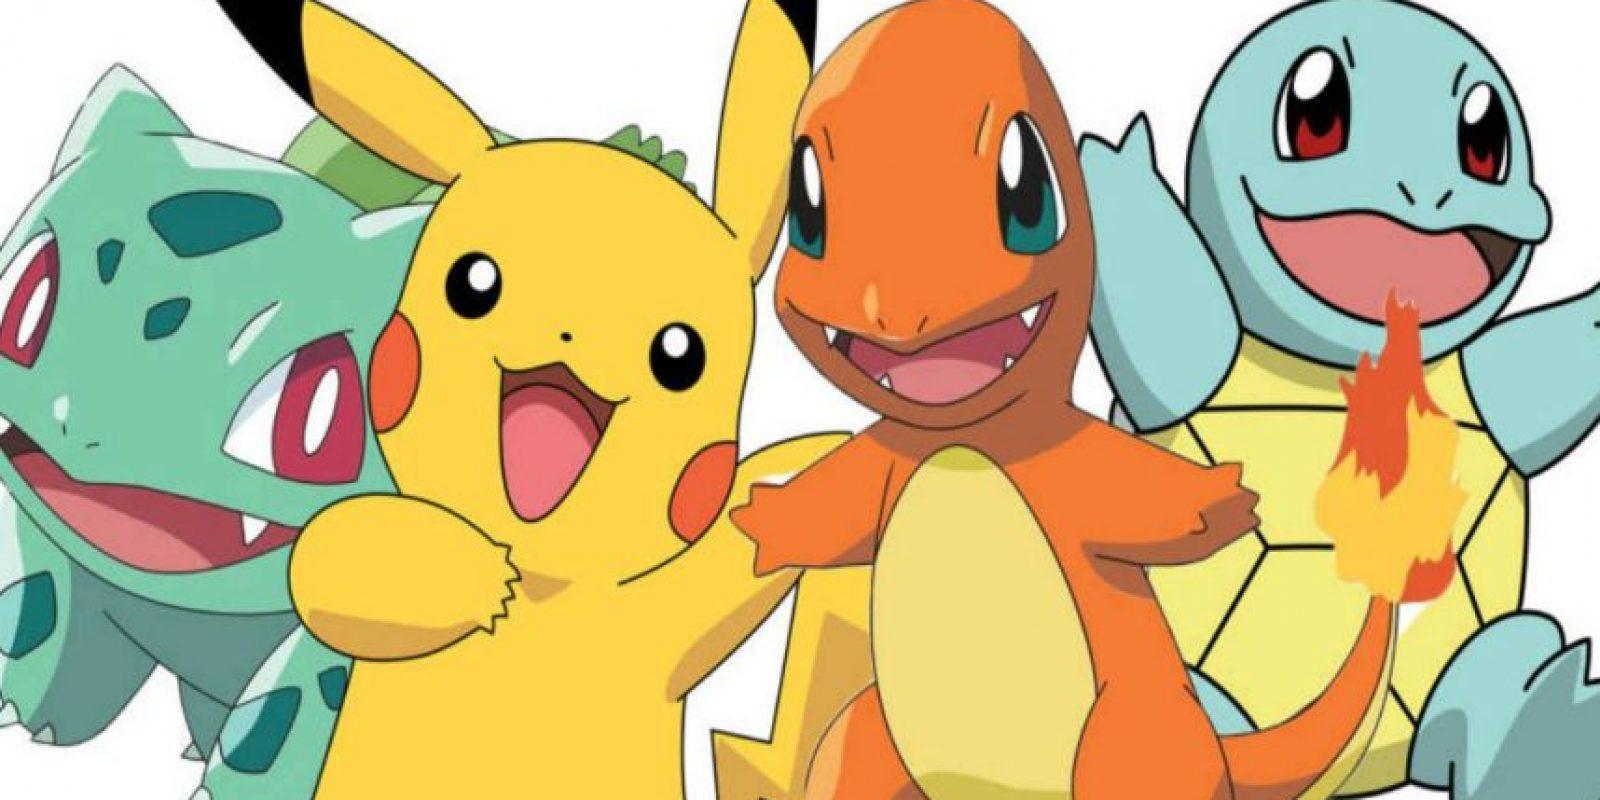 La gente está por las calles atrapando pokémon. Foto:Pokémon